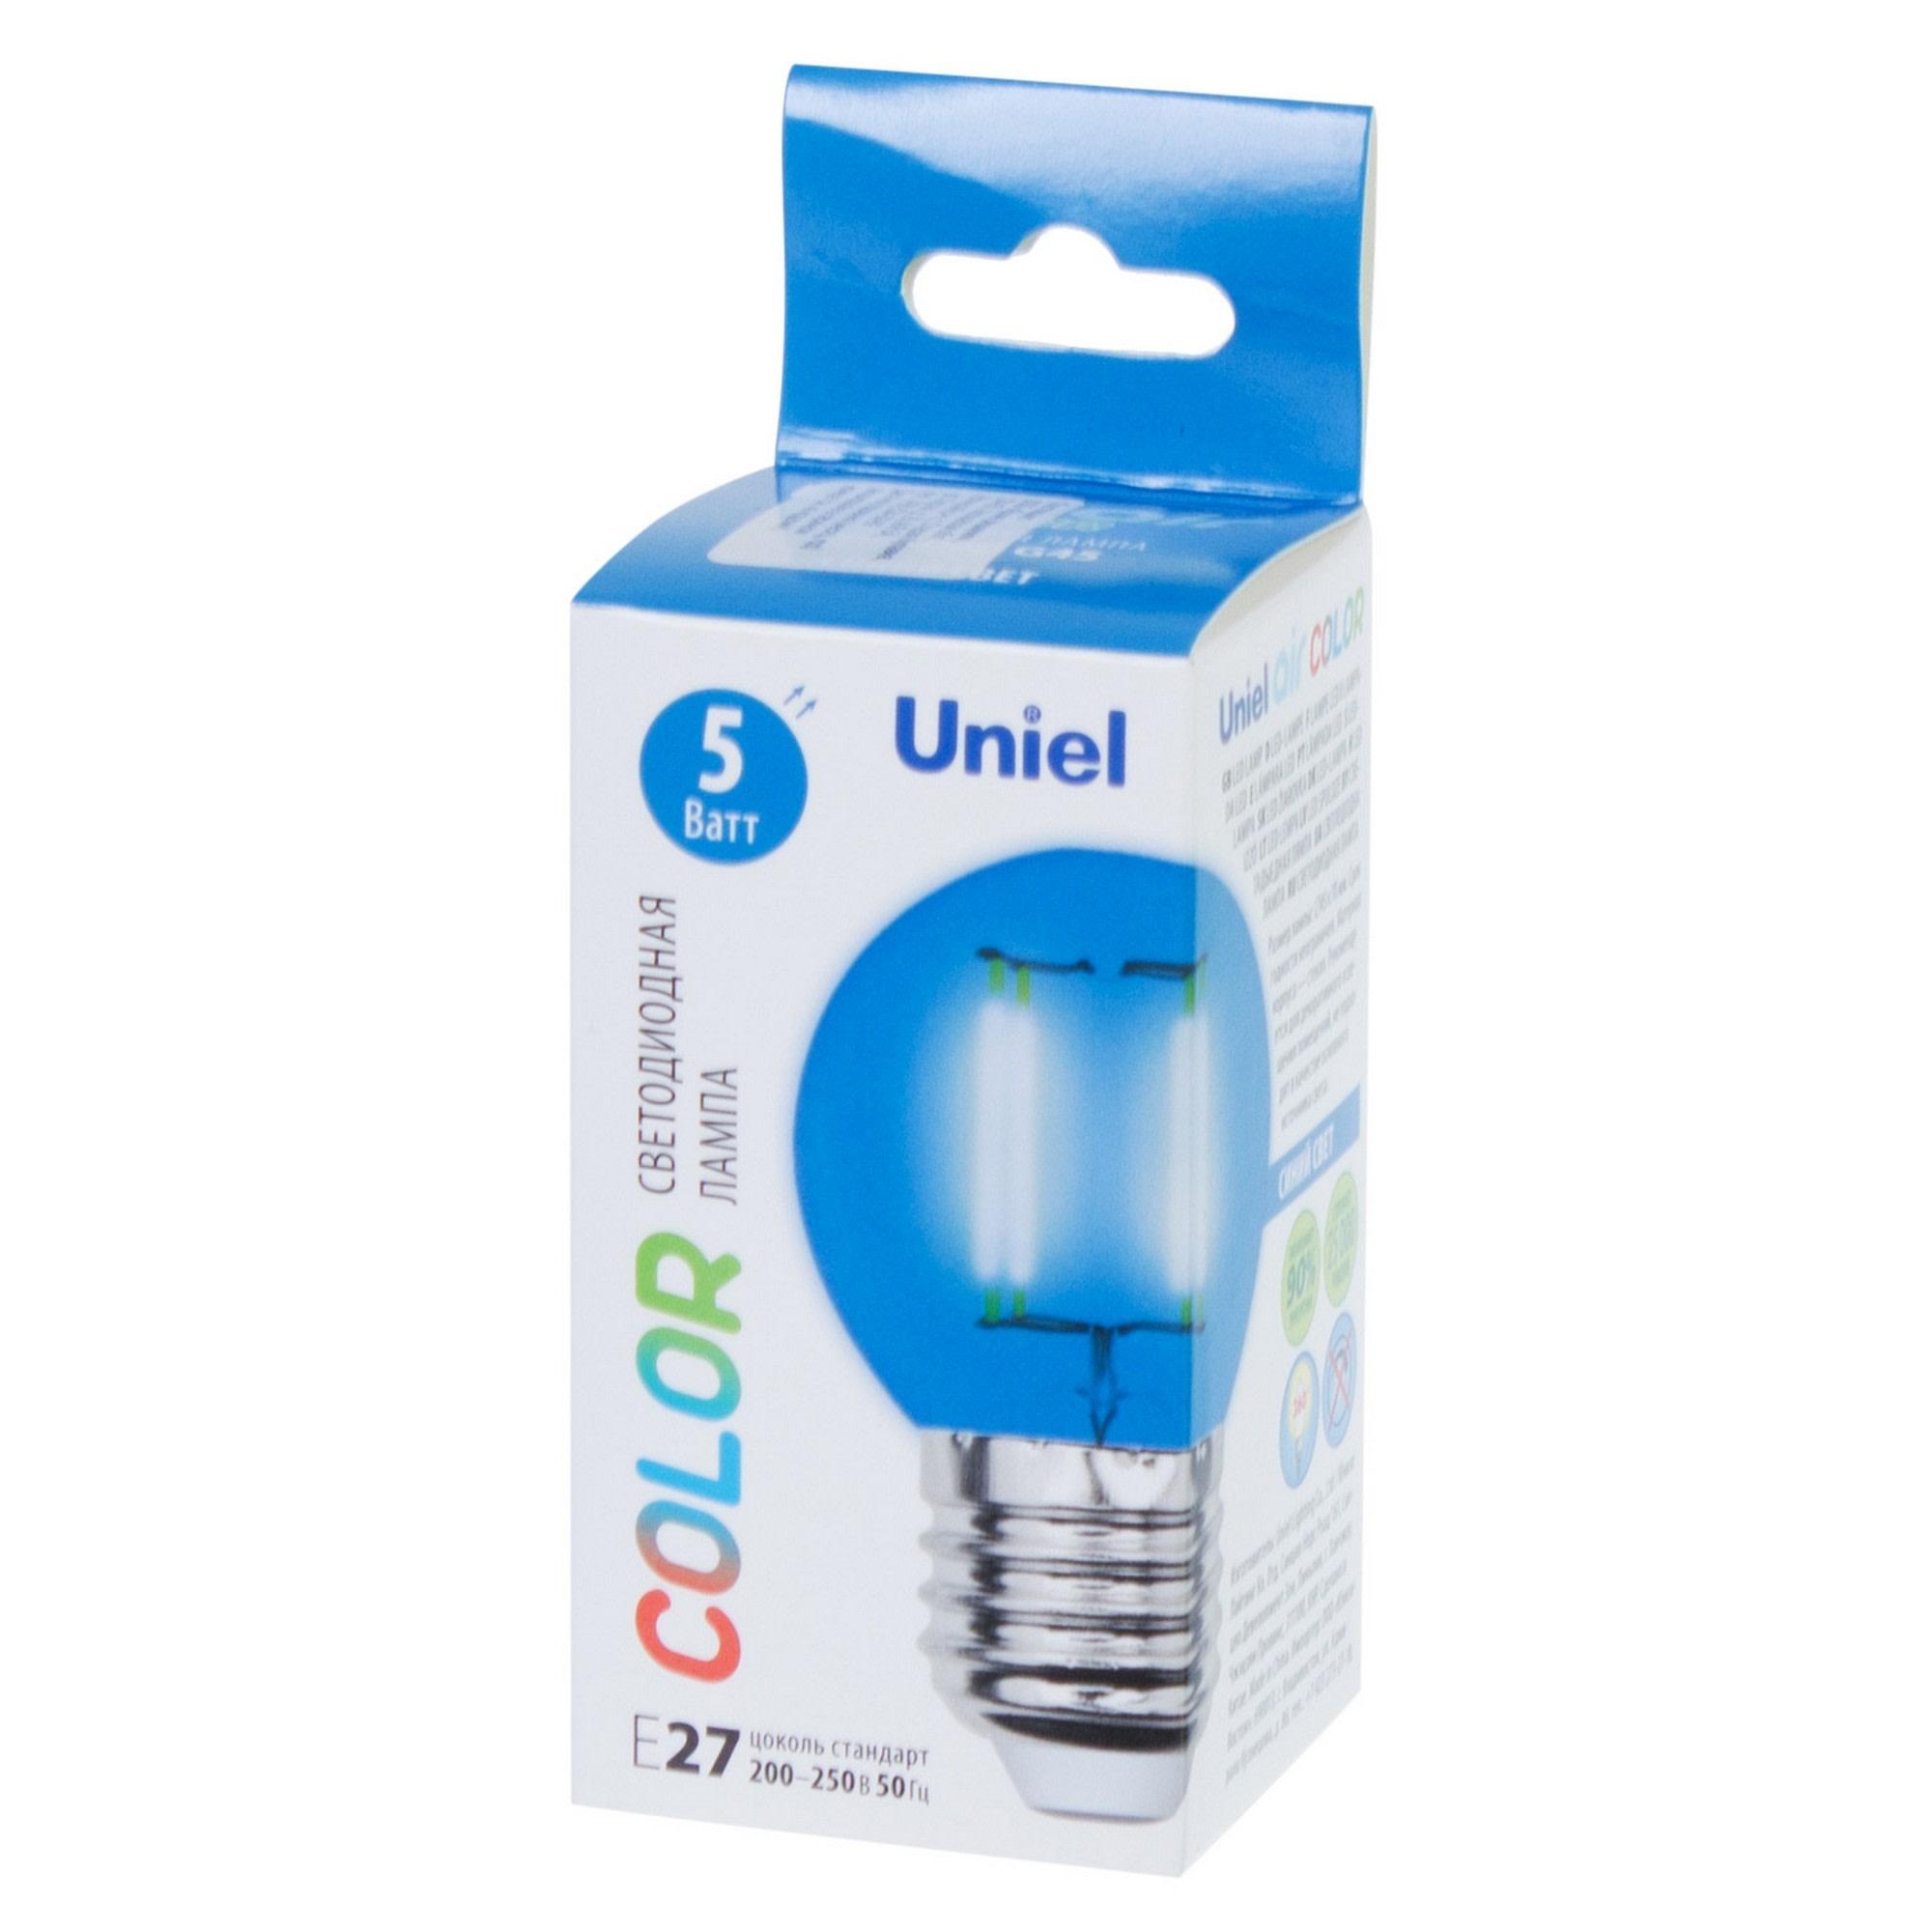 Лампа светодиодная Uniel Color шар E27 5 Вт свет синий